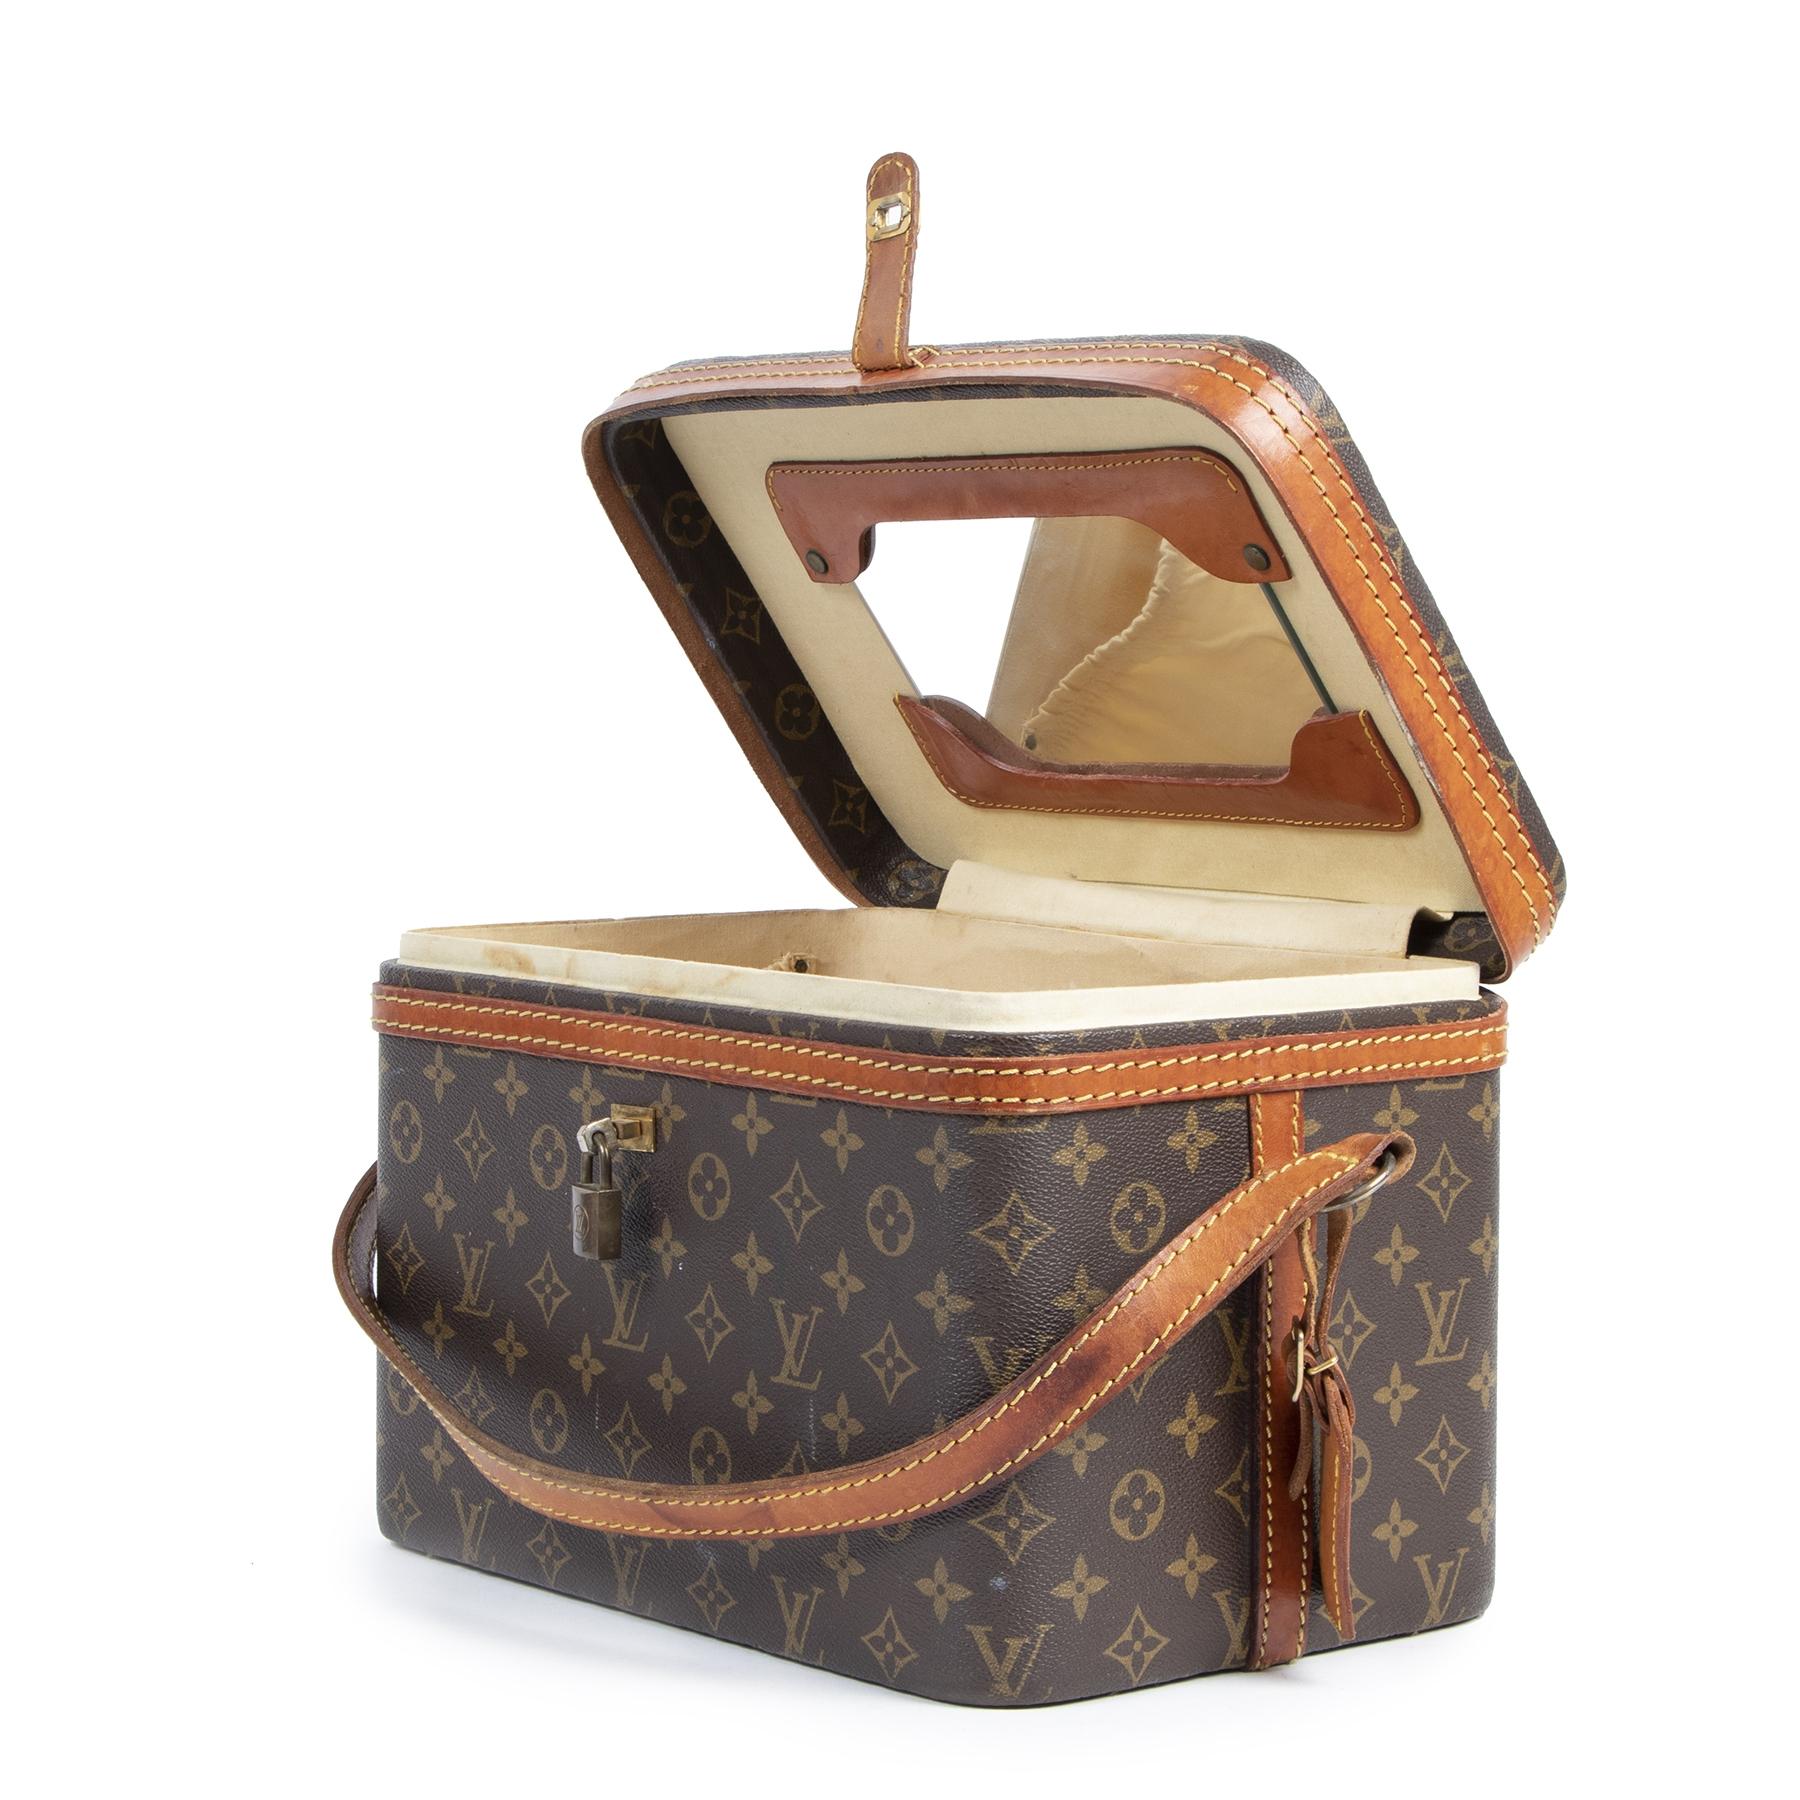 Louis Vuitton Monogram Trunk Vanity Case pour le meilleur prix